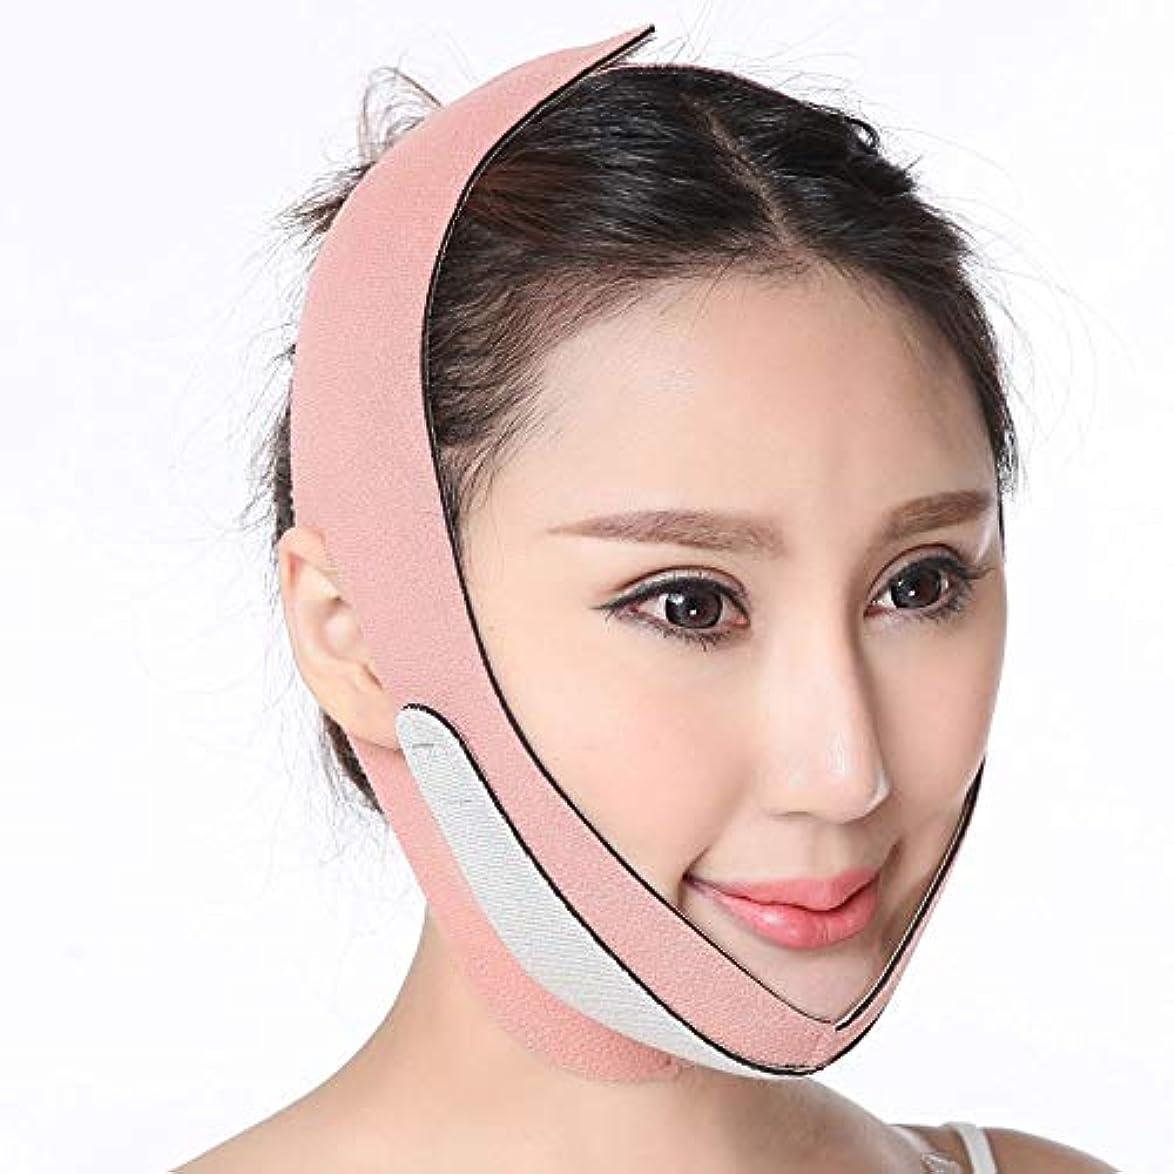 行列限られたスポットHEMFV 顔のスリミングベルトマスクストラップ美容通気性のフェイス二重あごケア減量包帯